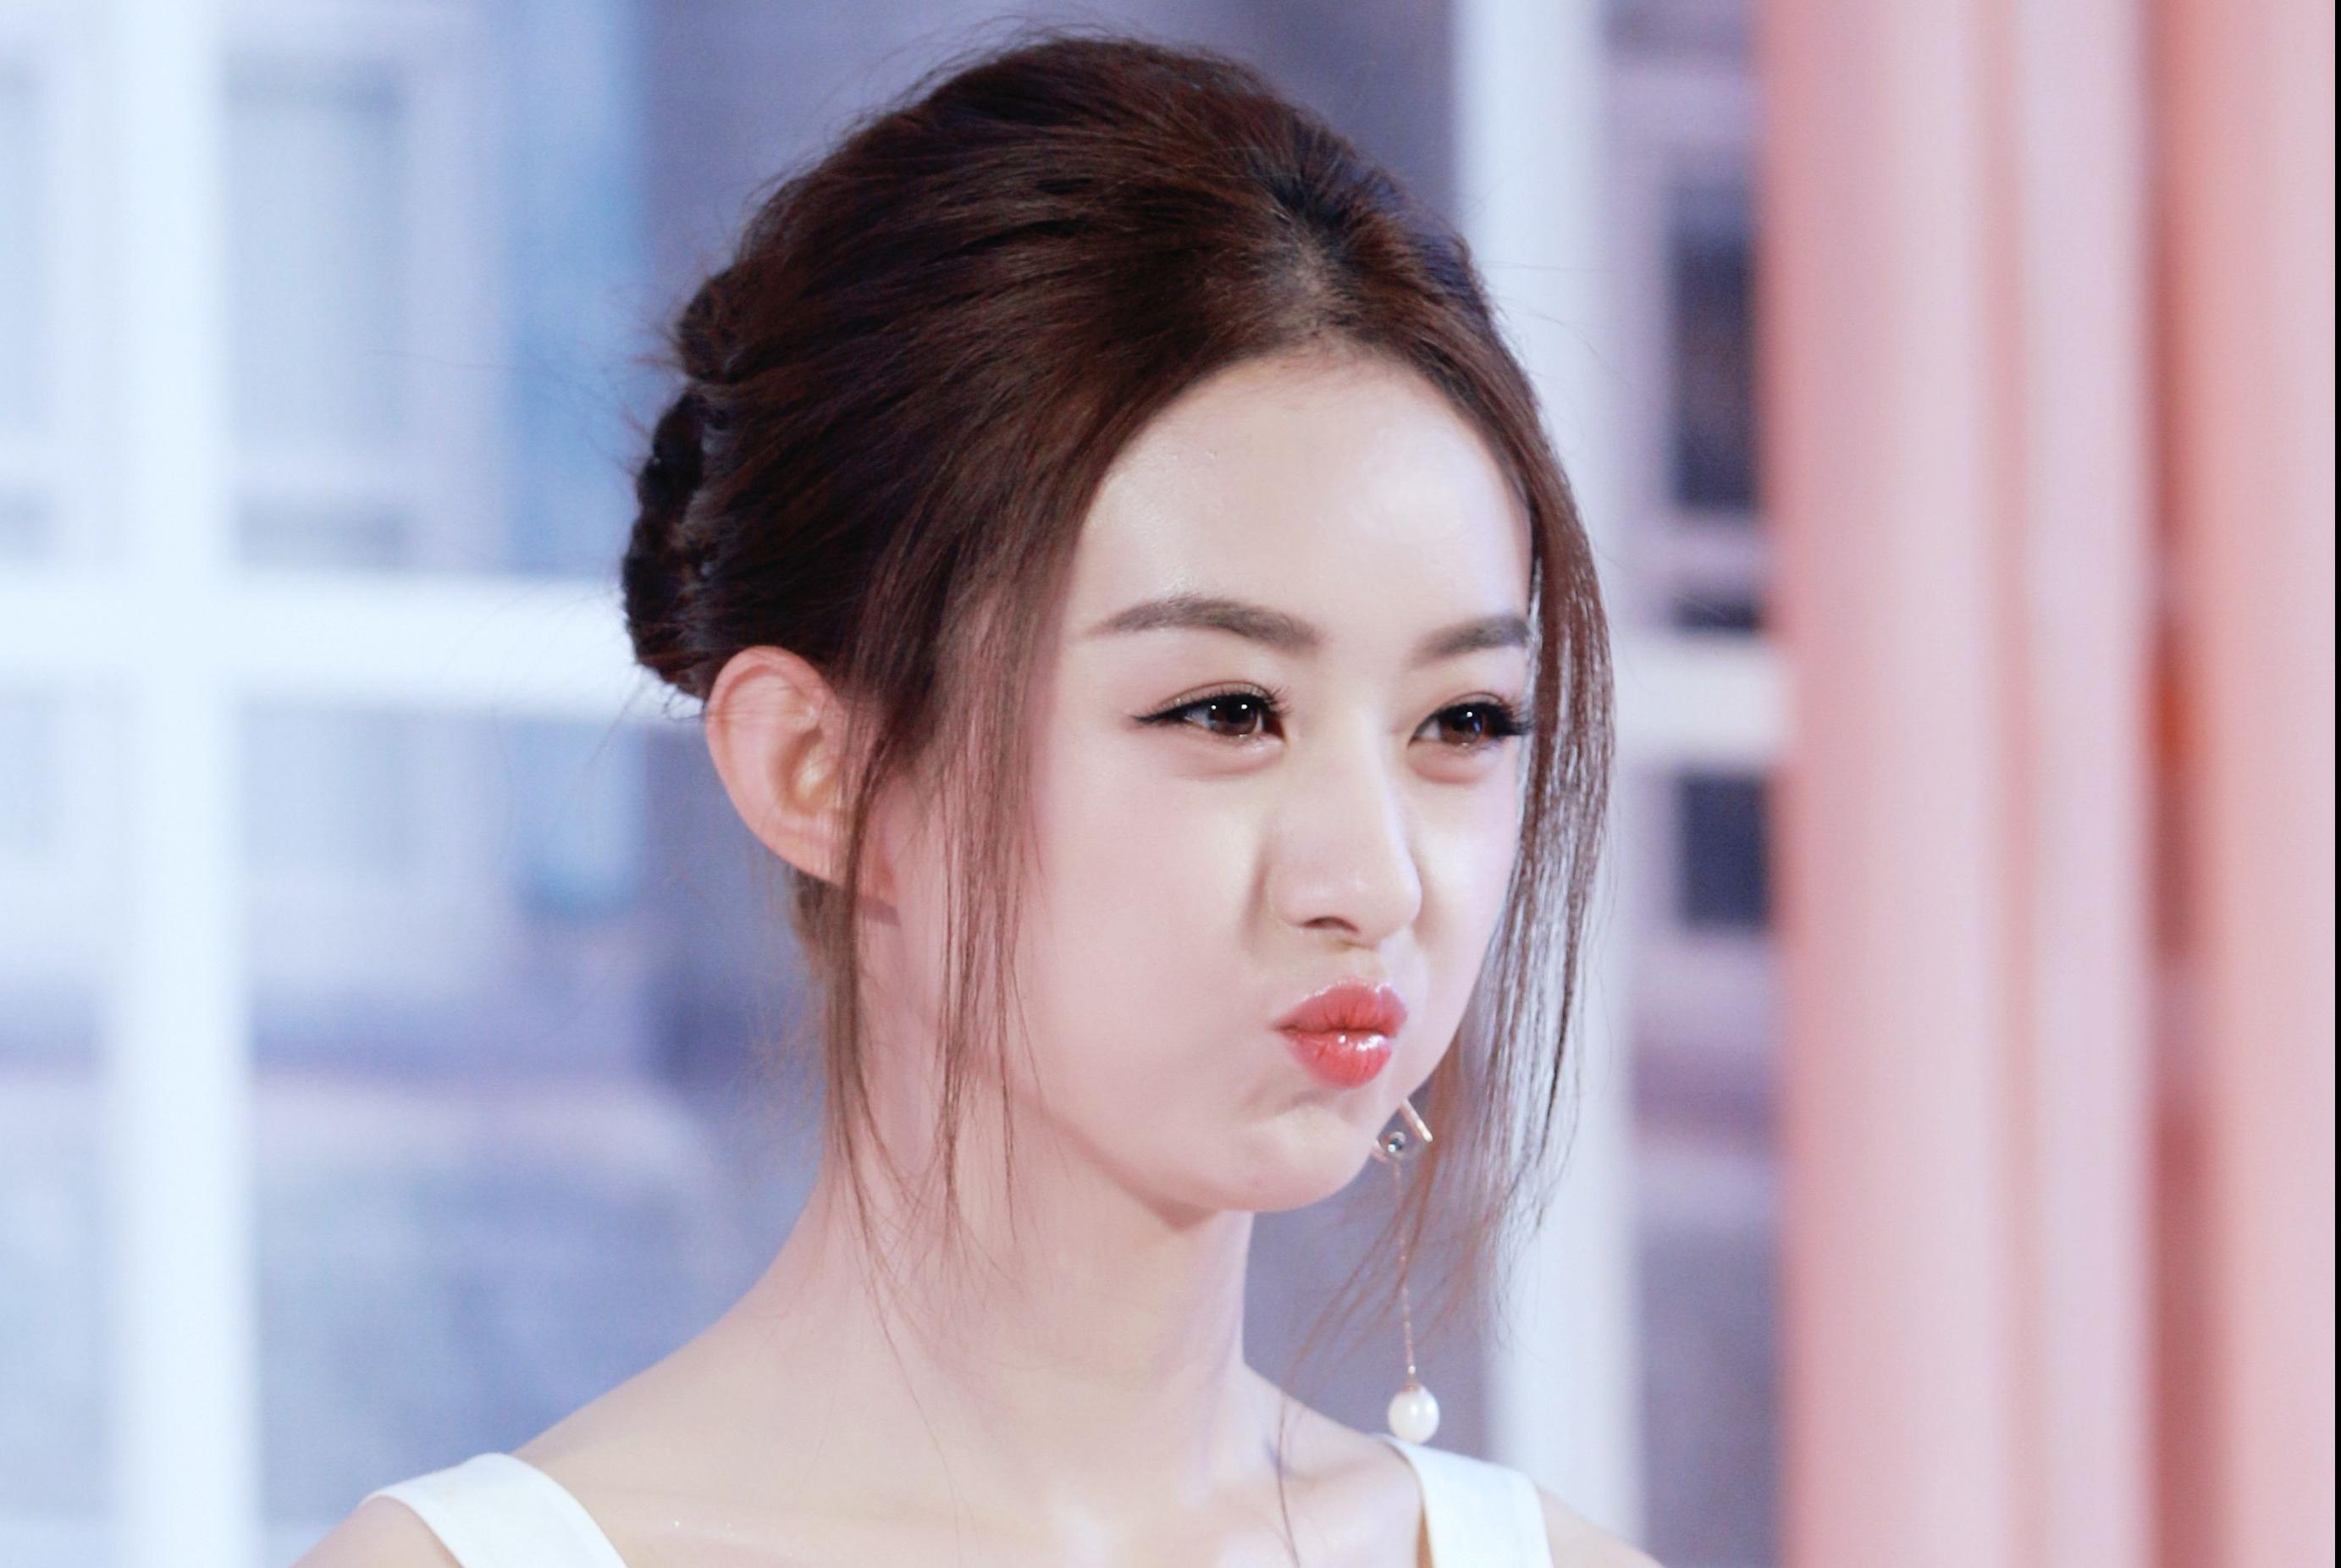 于妈接受采访谈到赵丽颖,她内心比外表坚韧太多,陆贞很适合她演